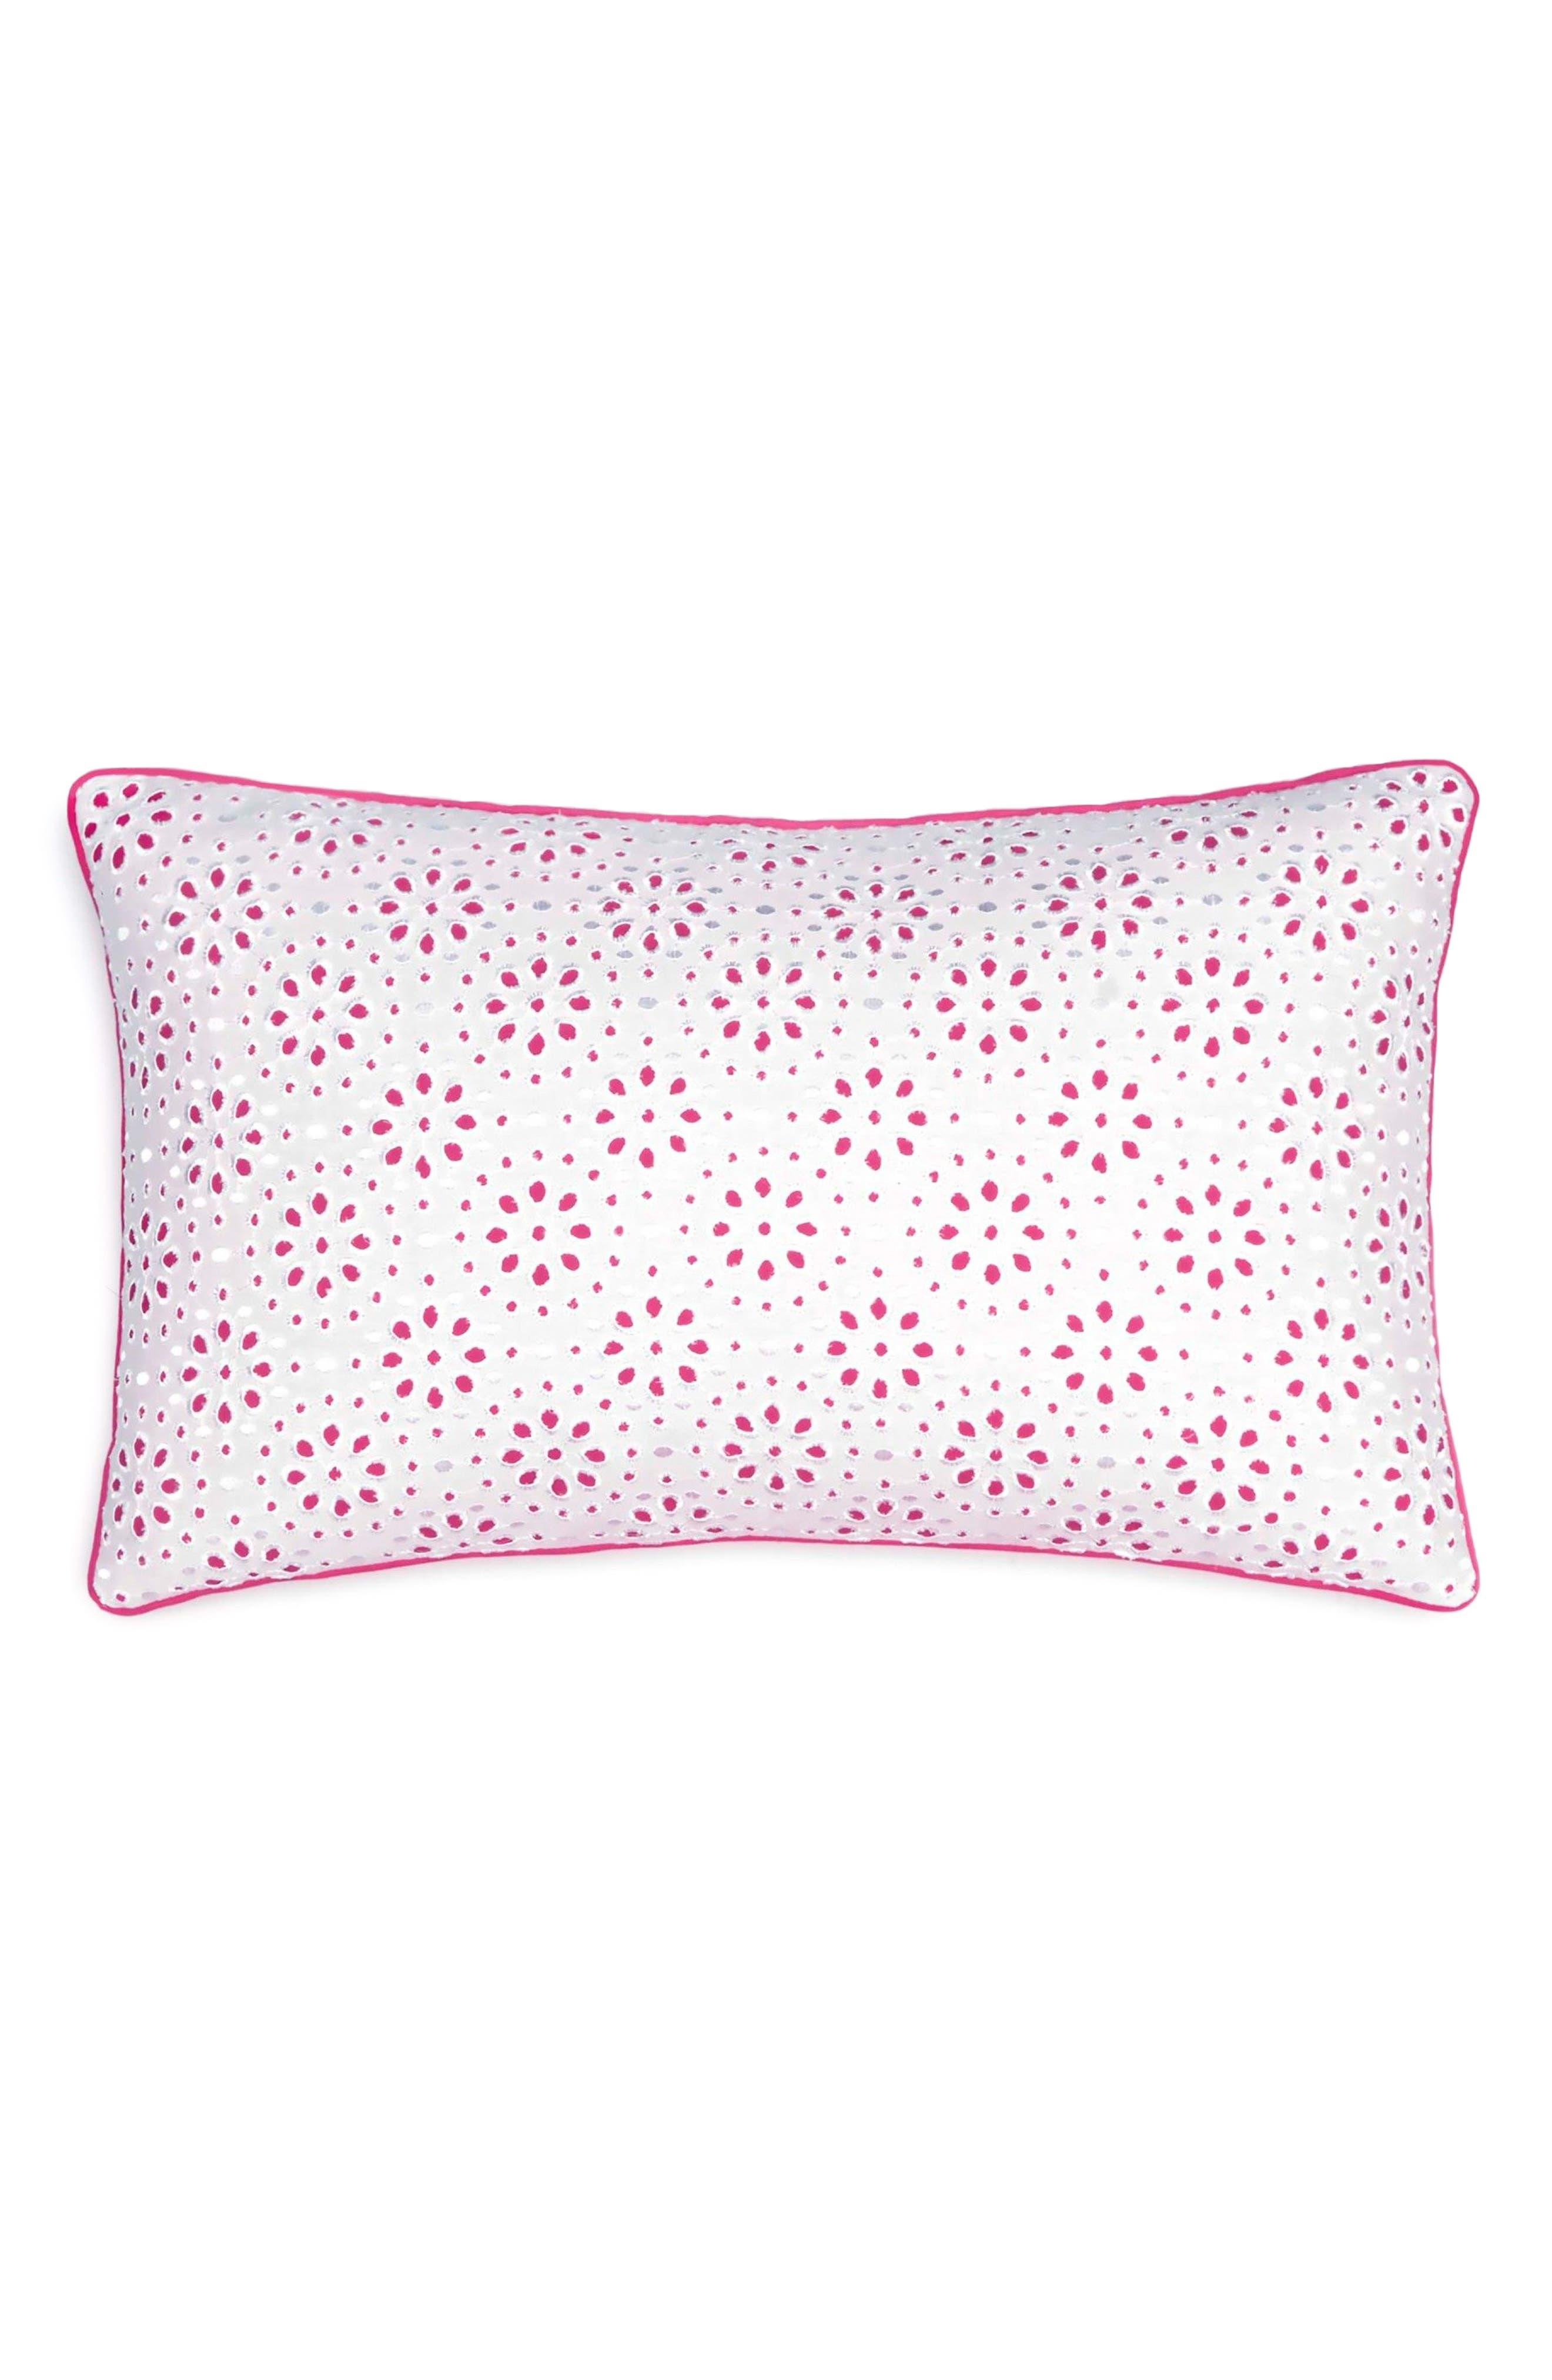 Floral Eyelet Pillow,                             Main thumbnail 1, color,                             PINK